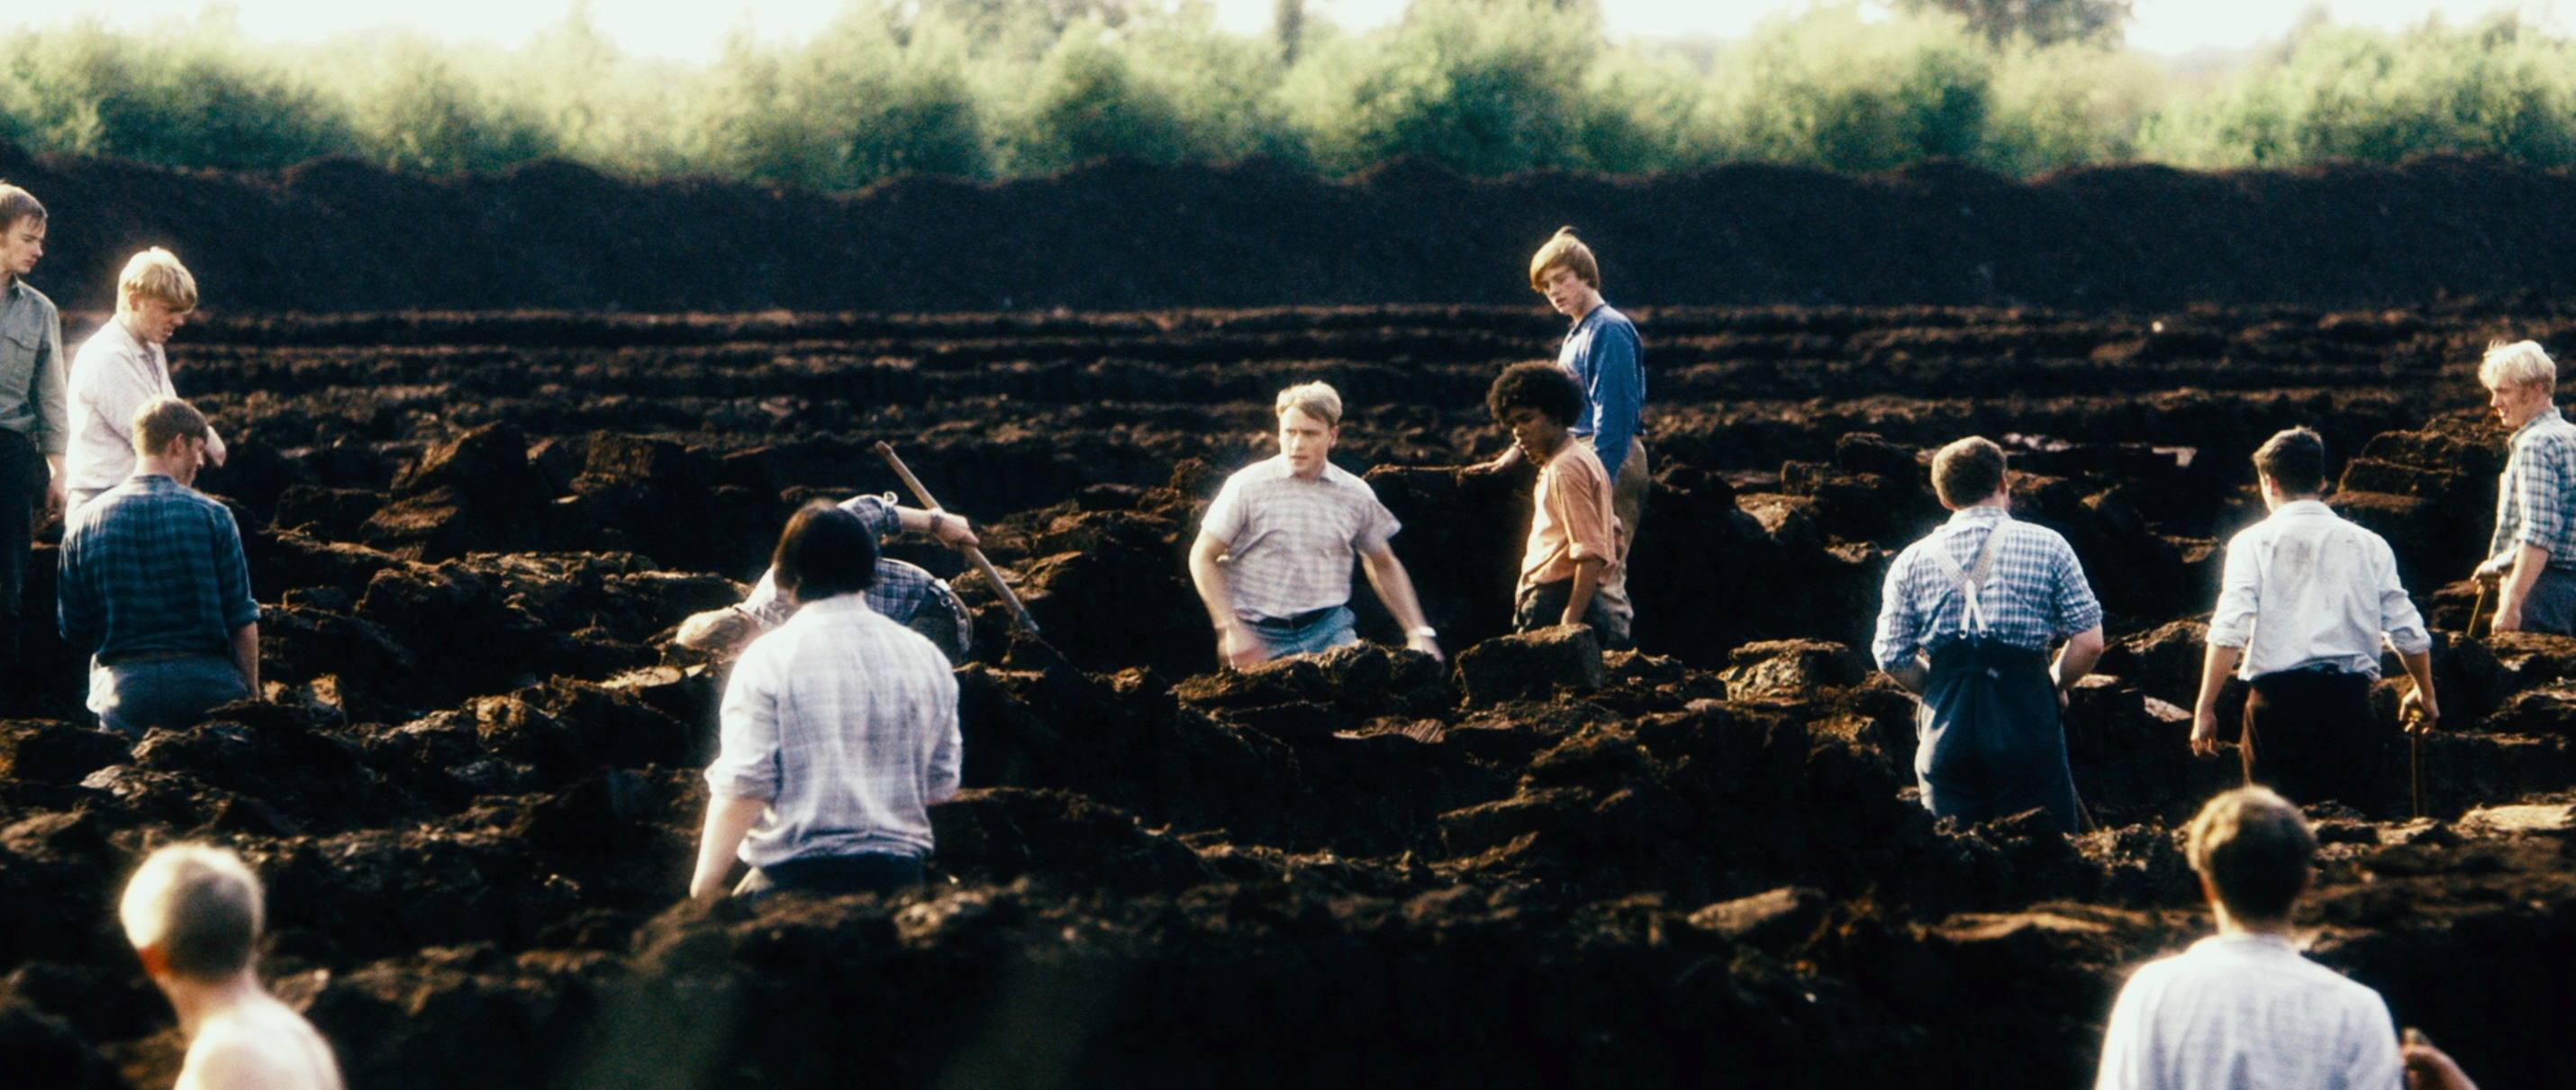 Freistatt - Misshandlung - Schuften beim Torf stechen - Regie Marc Brummund - Kamera Judith Kaufmann